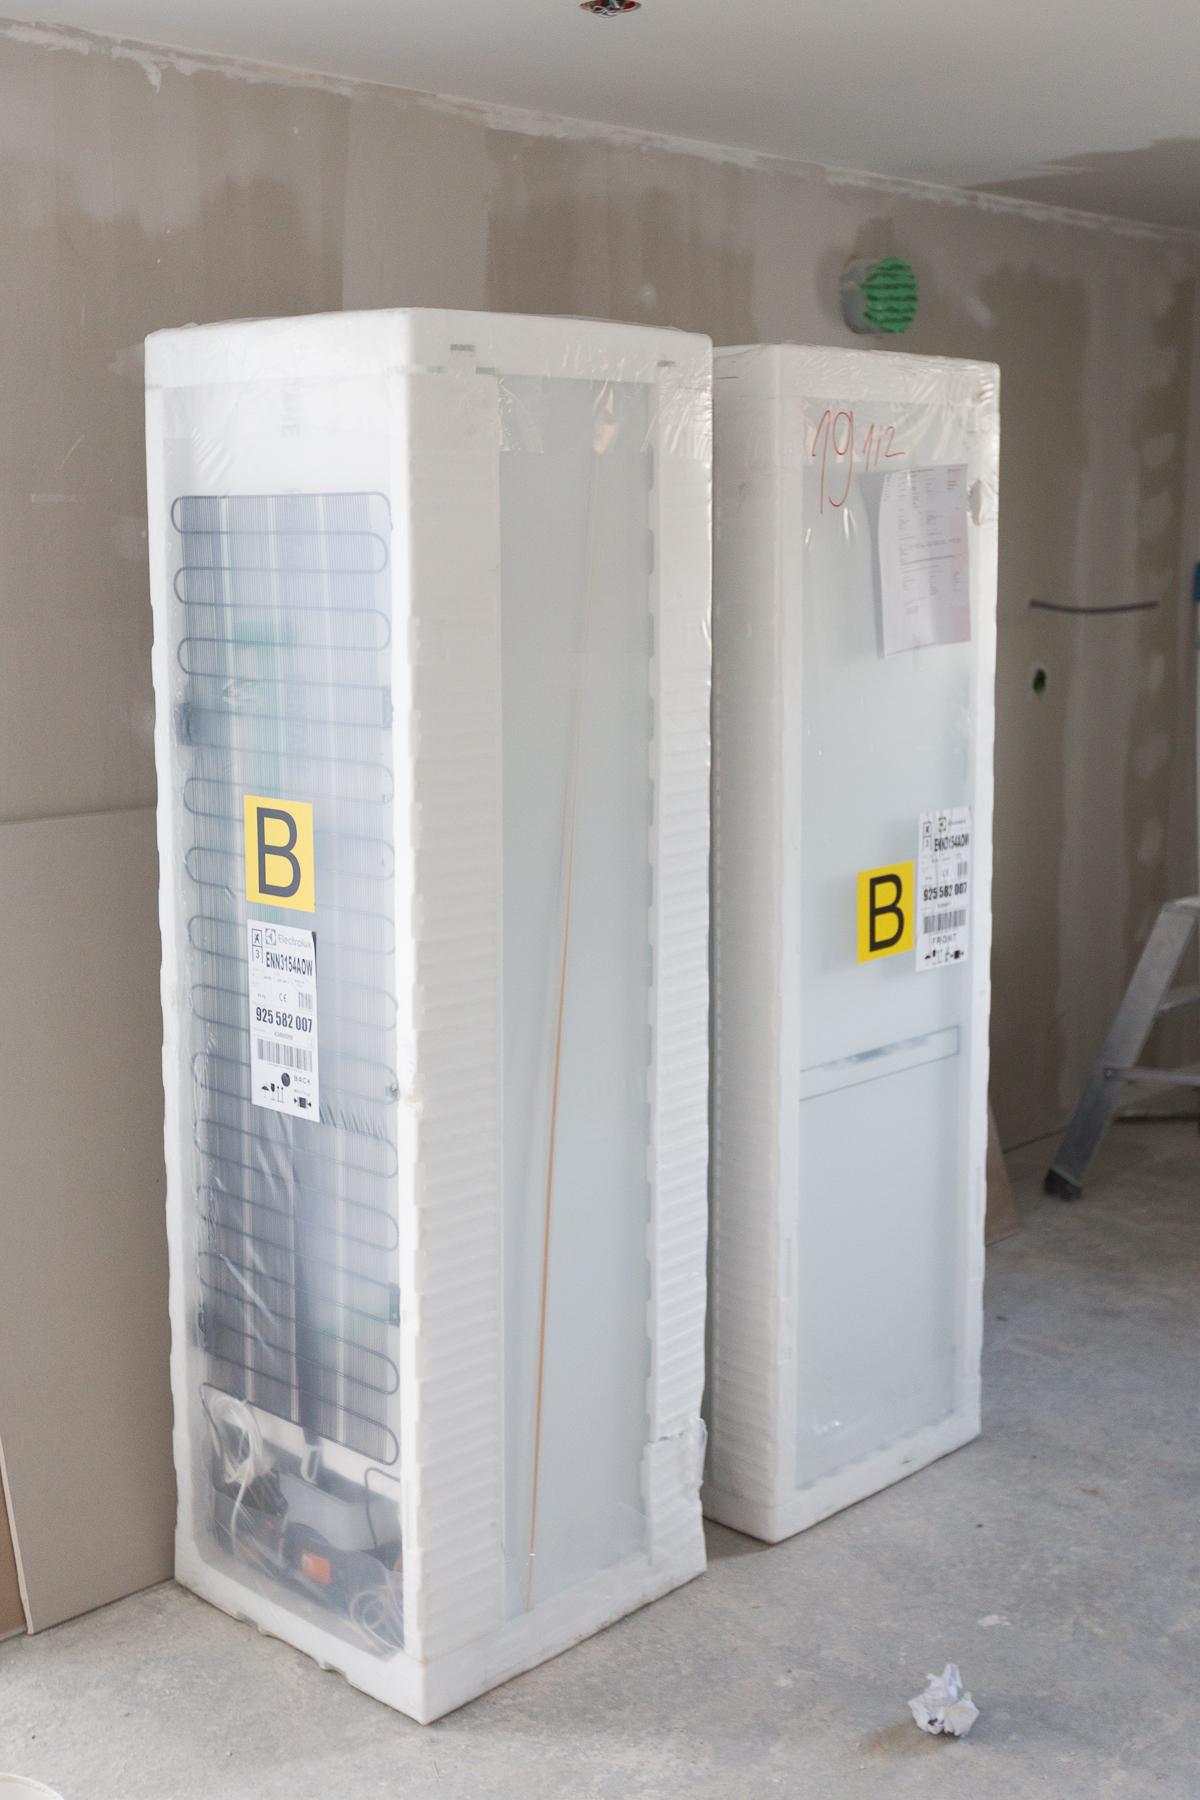 Tvåstycken integrerade kyl-/frysskåp från Electrolux beställda från  Elfynd  för 5999 kr/st. Är exakt samma modell som  IKEA HÄFTIG  för 7495 kr/st.